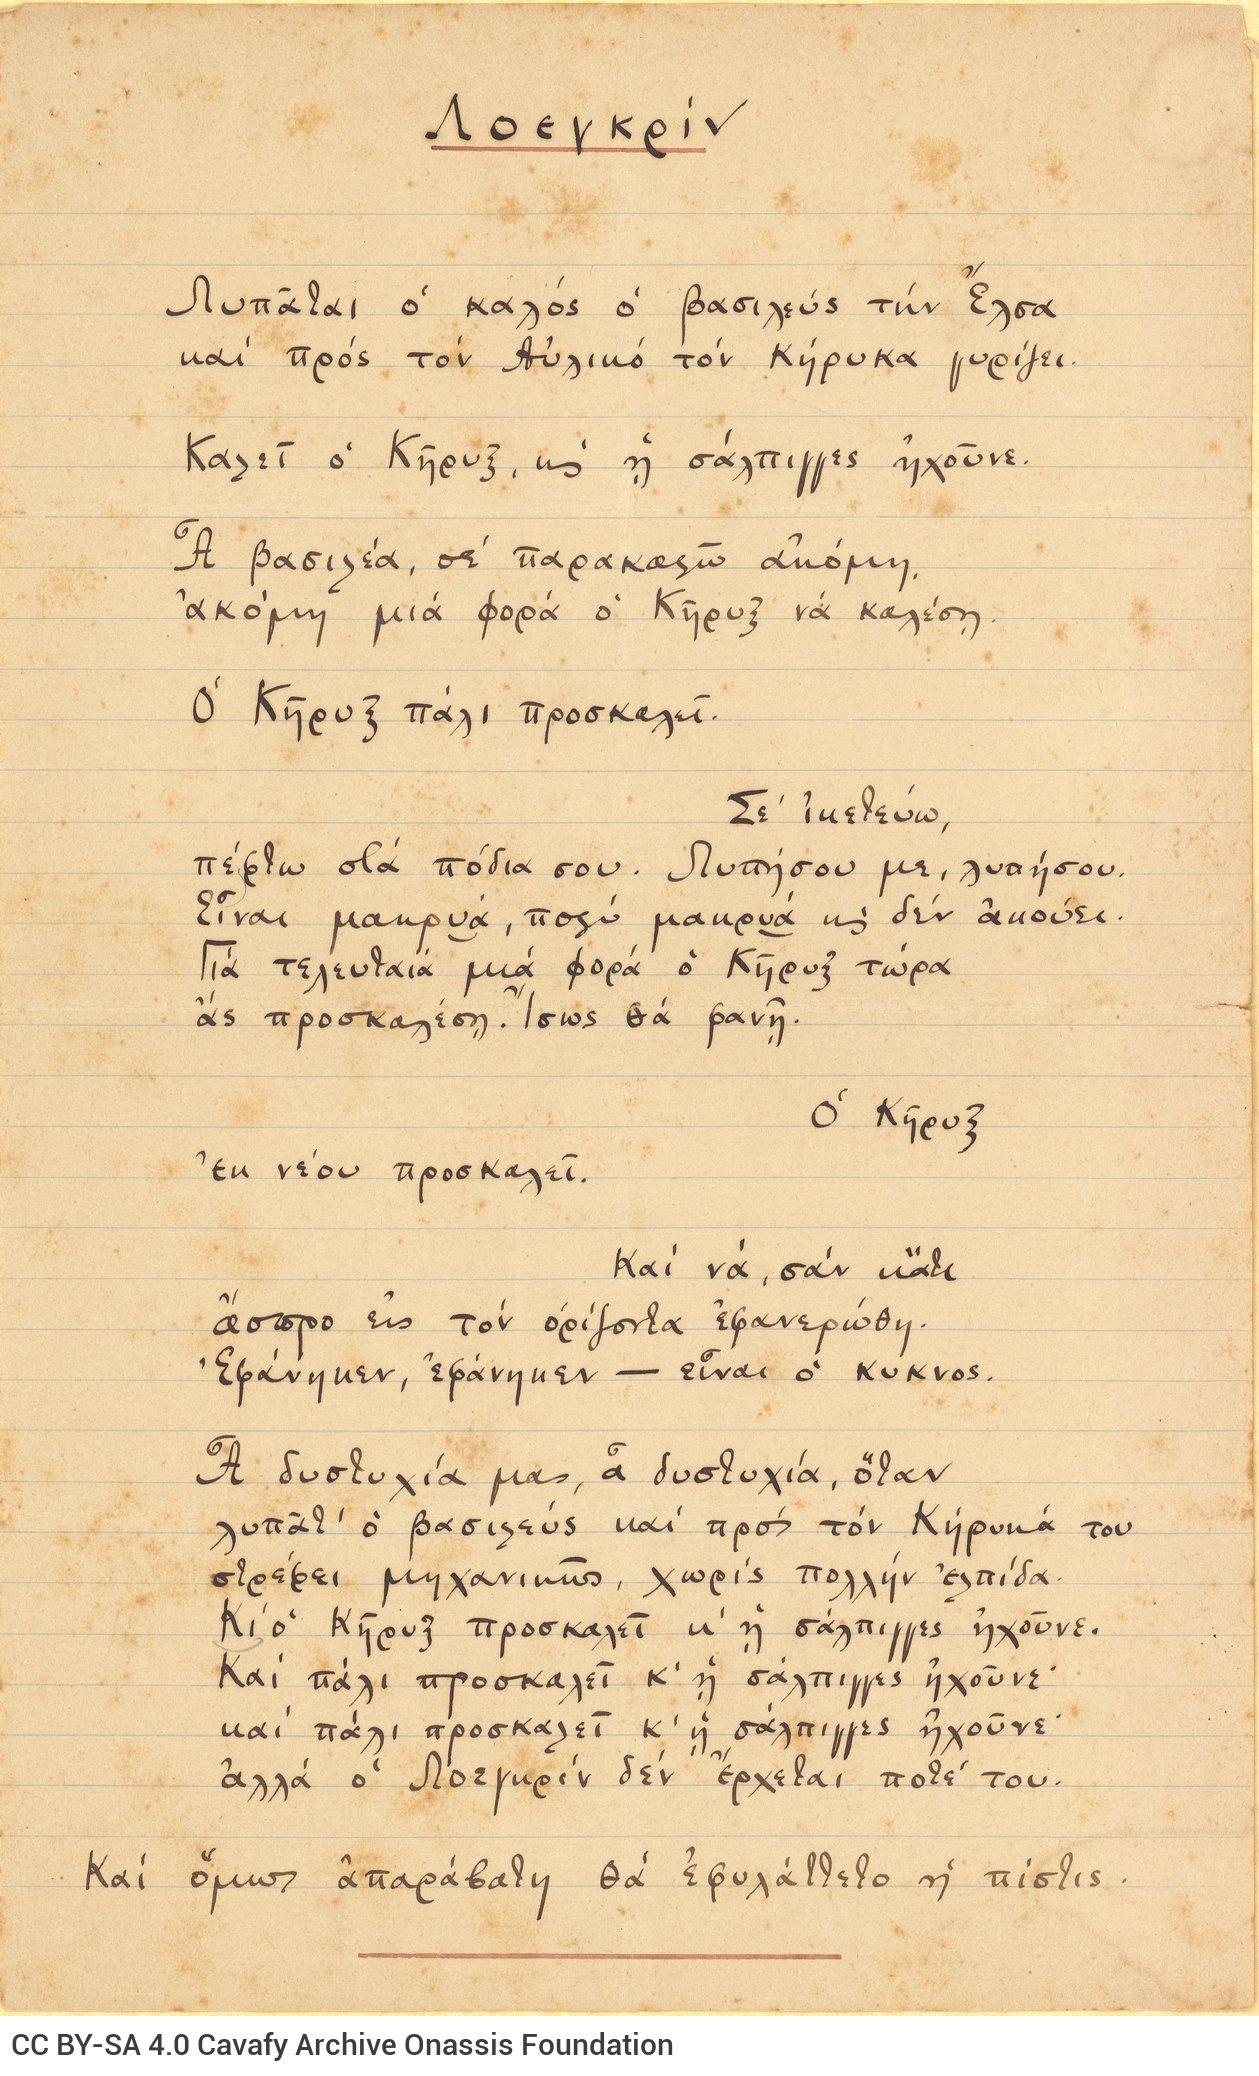 Χειρόγραφο του ποιήματος «Λοεγκρίν». Υπογράμμιση του τίτλου και γ�